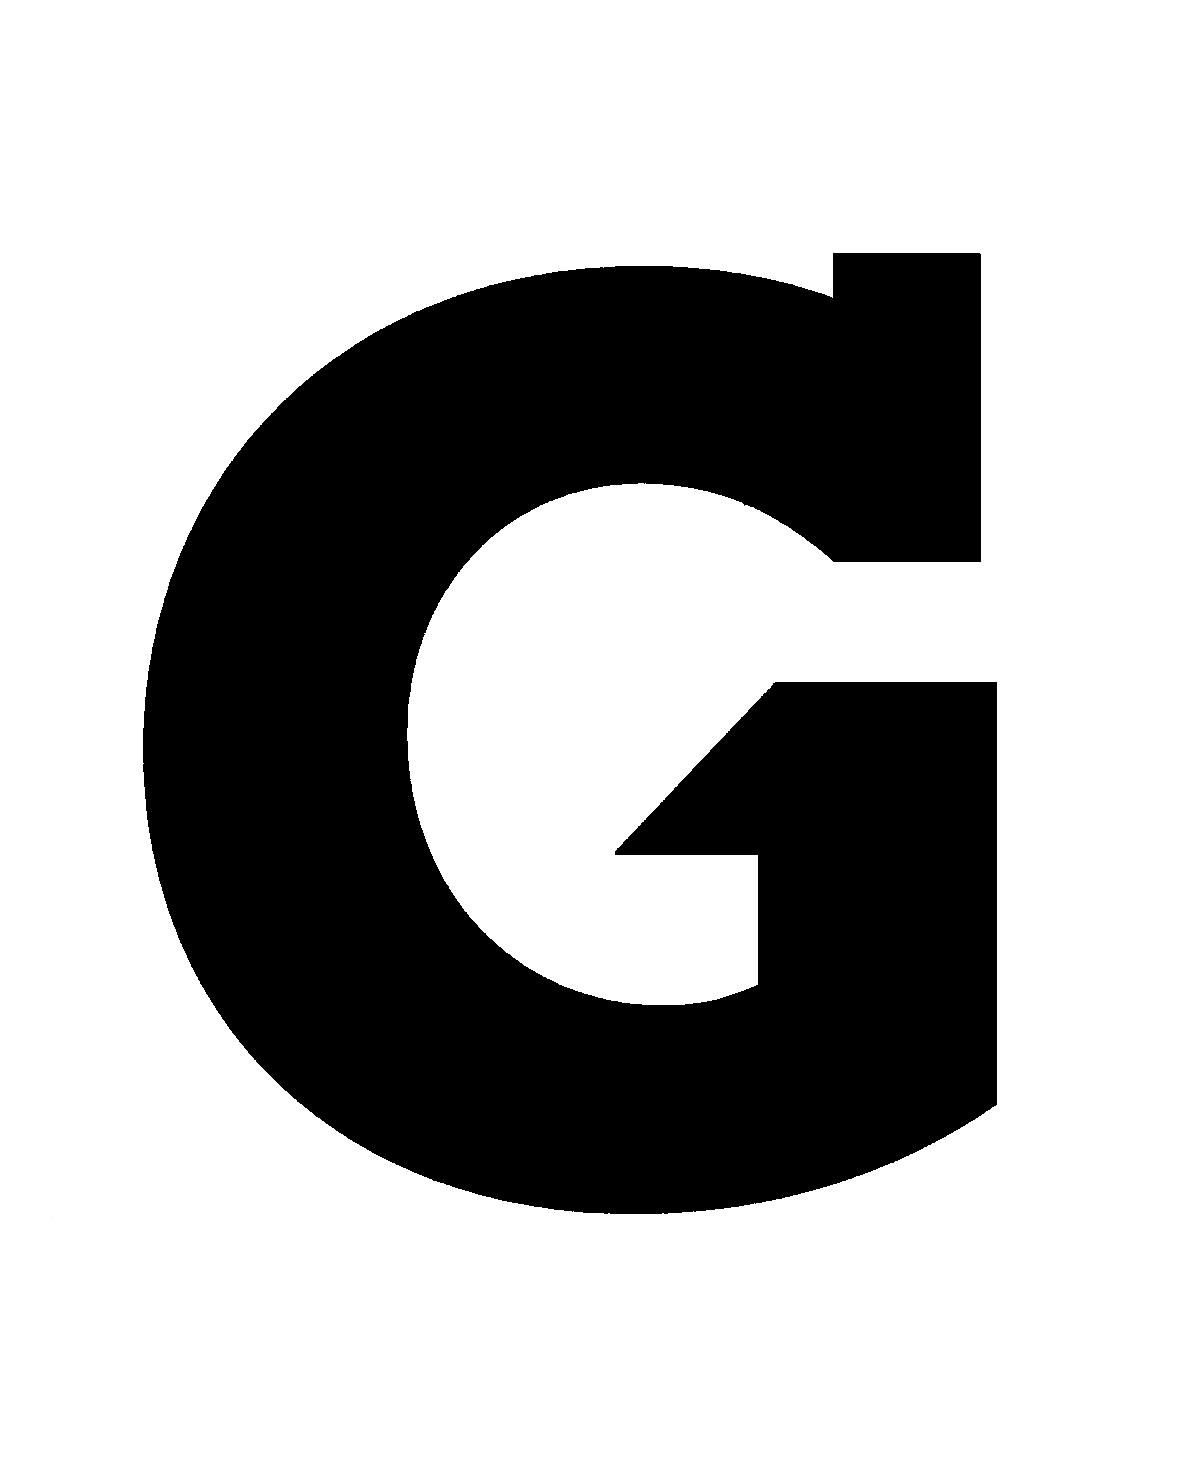 Dr Know It All G Symbol Still Lags The Lightning Bolt